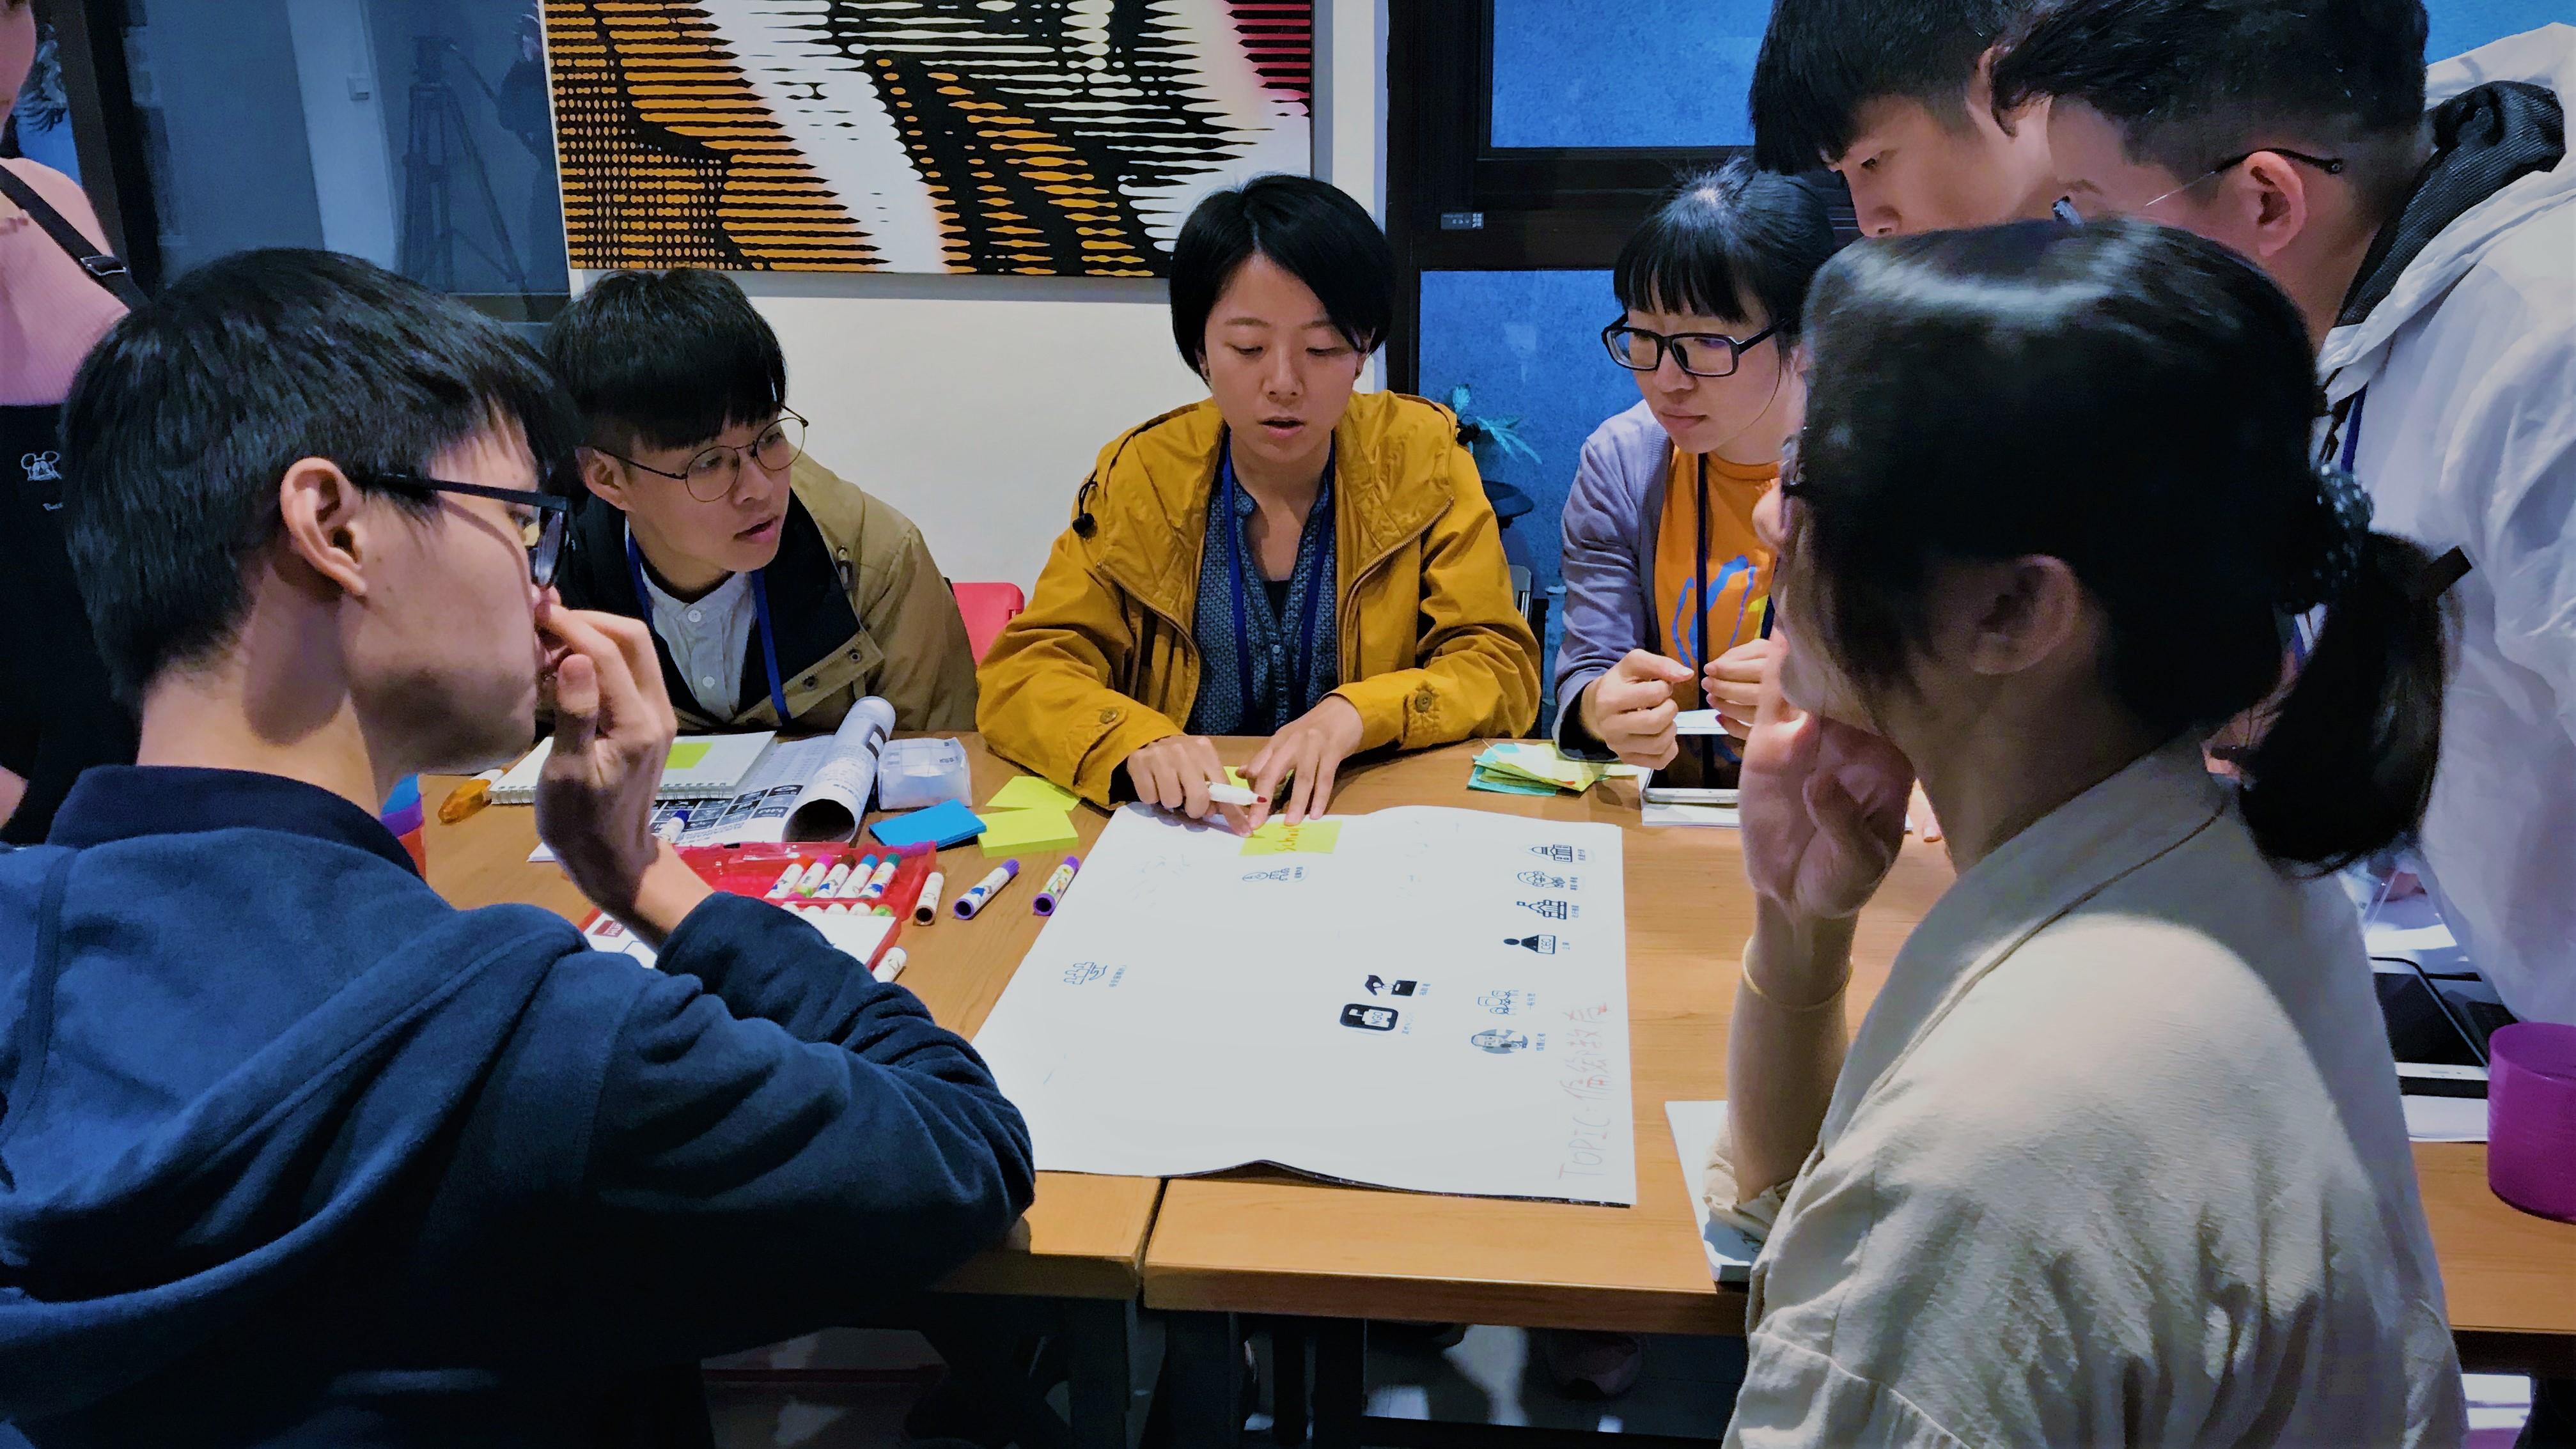 (圖三)學員進行分組討論,專心思考問題點